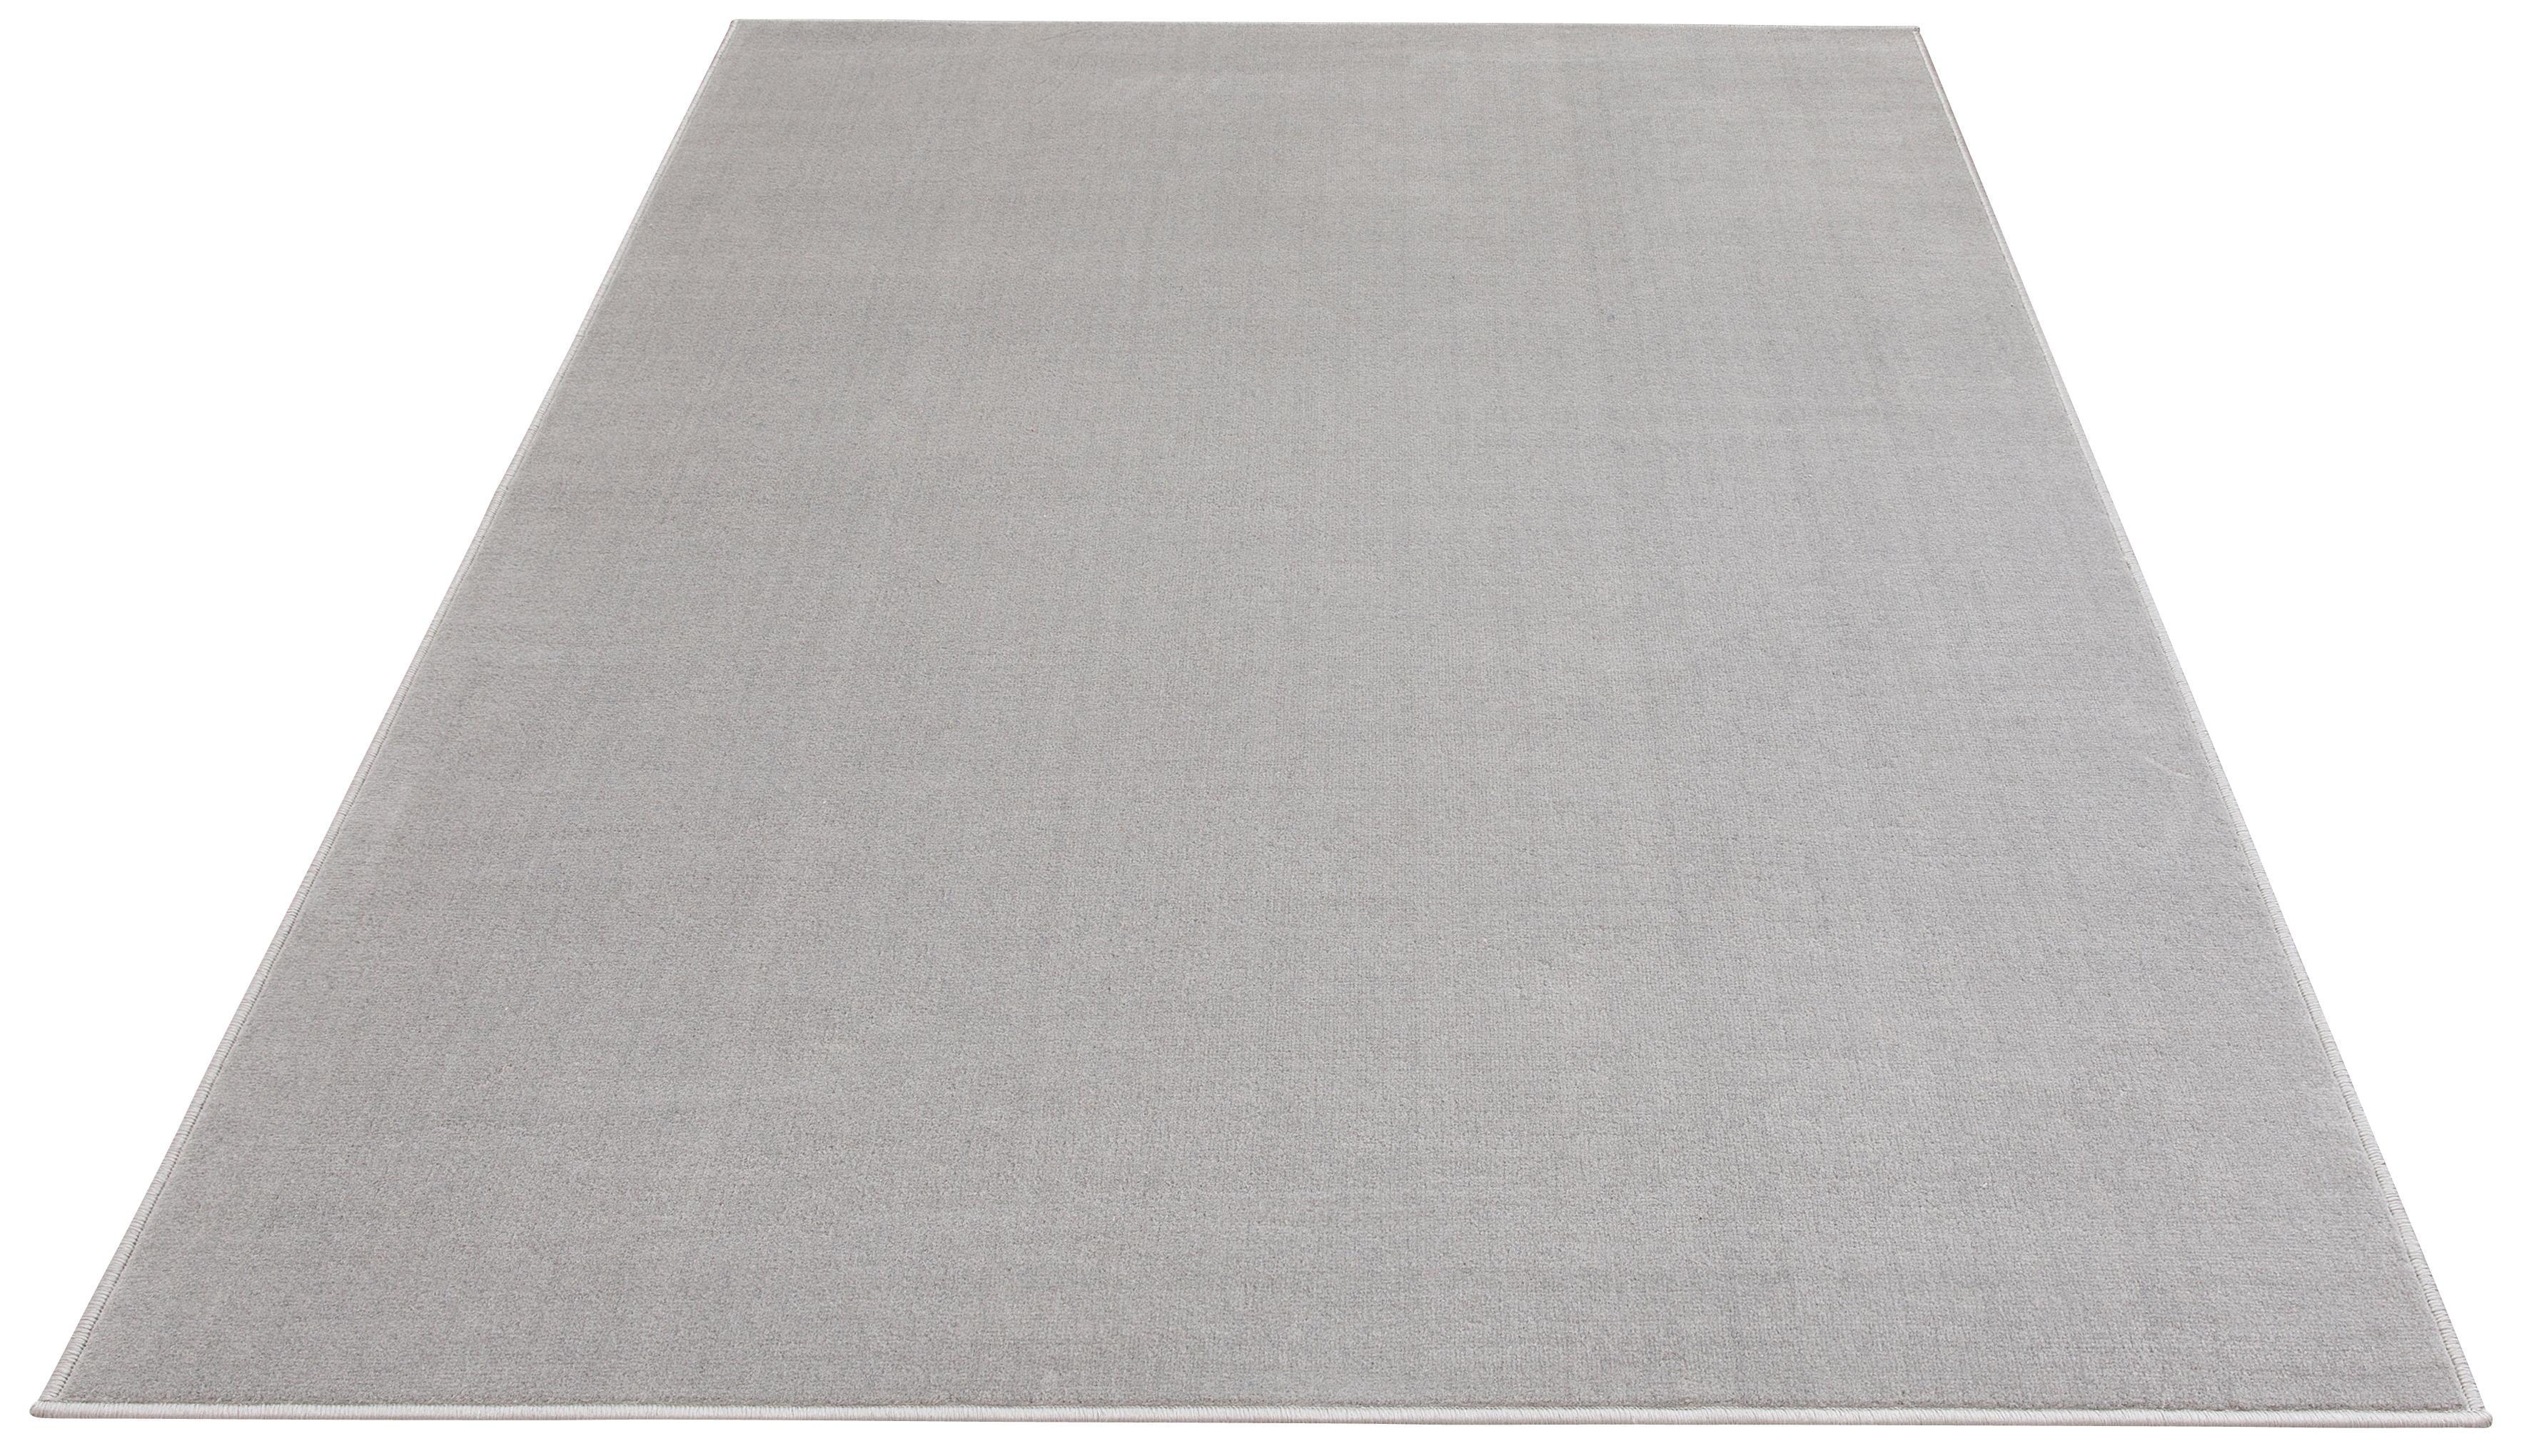 my home Teppich Paddy, rechteckig, 7 mm Höhe, Uni Teppich, Wohnzimmer grau Esszimmerteppiche Teppiche nach Räumen